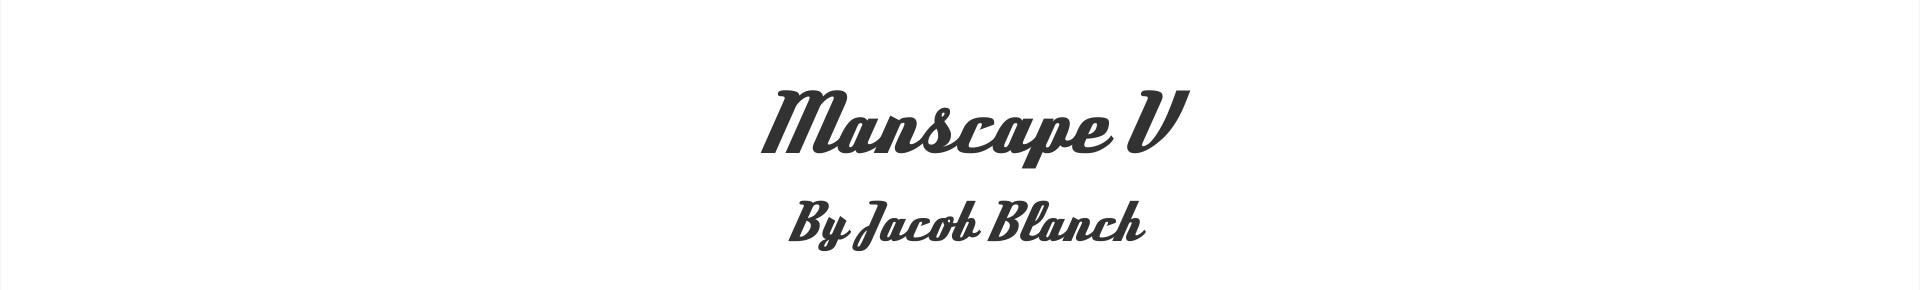 Manscape V